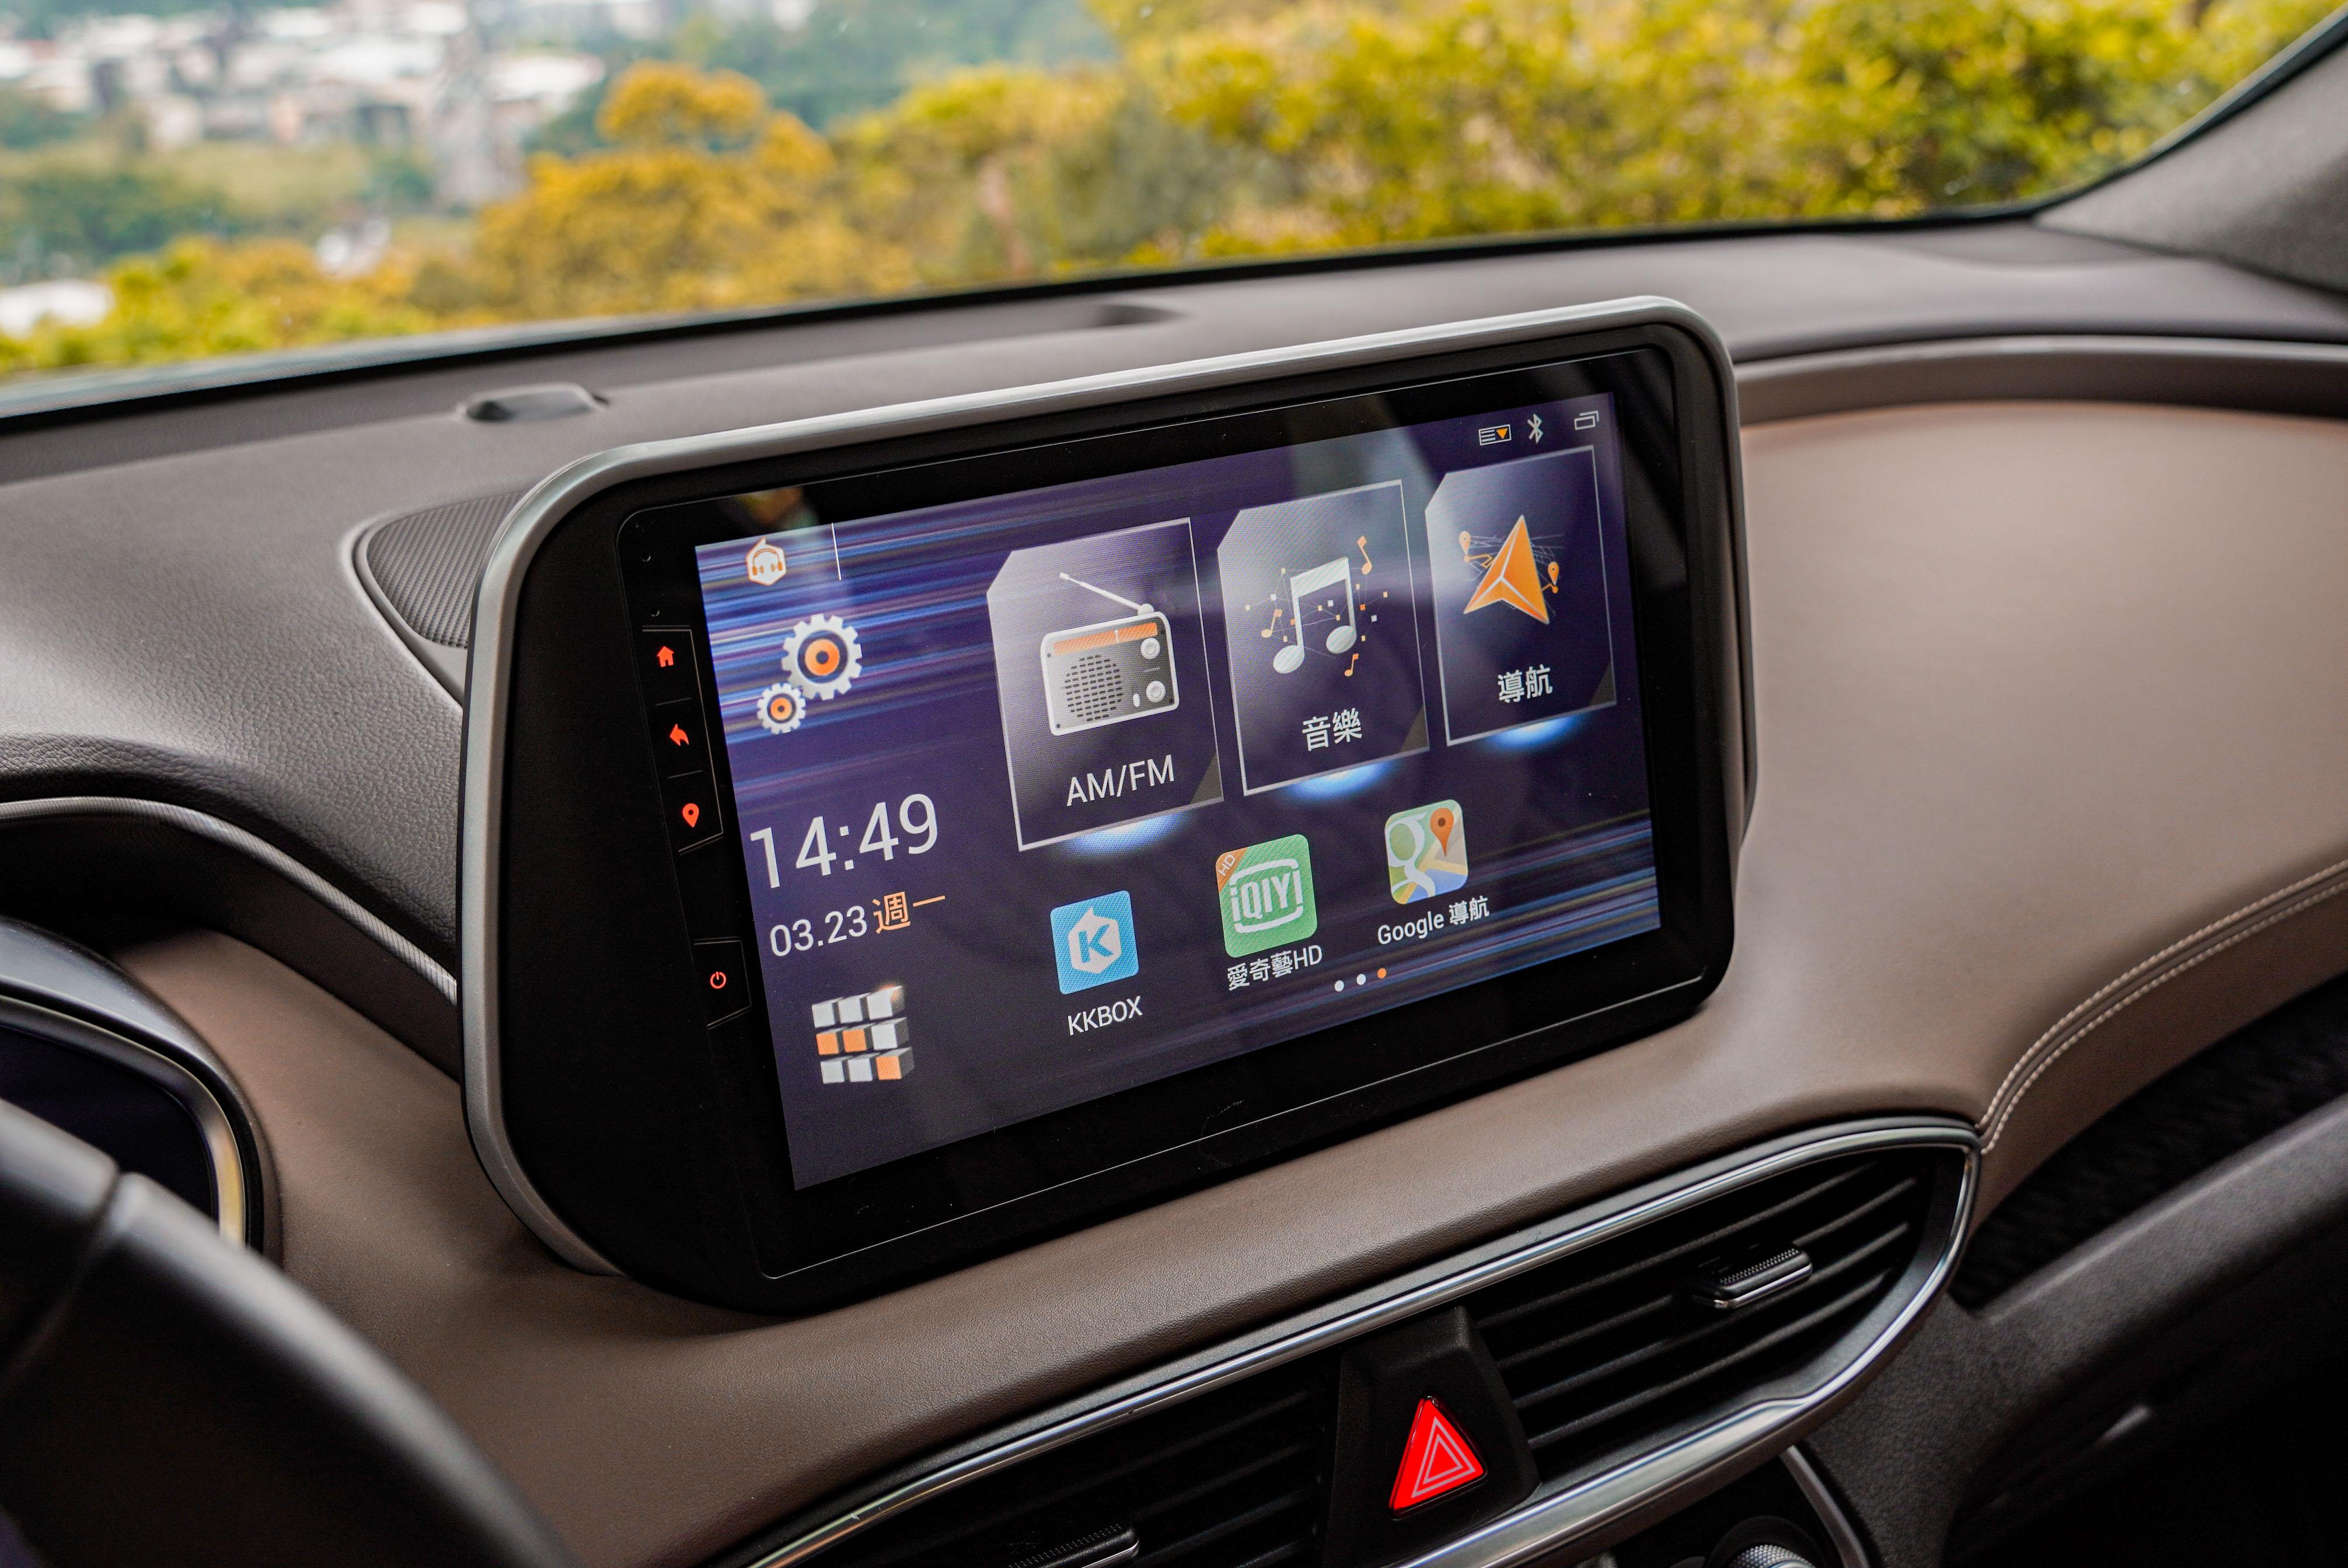 10 吋觸控式聯網主機形同一具平板電腦,內建影音程式、Google Maps。